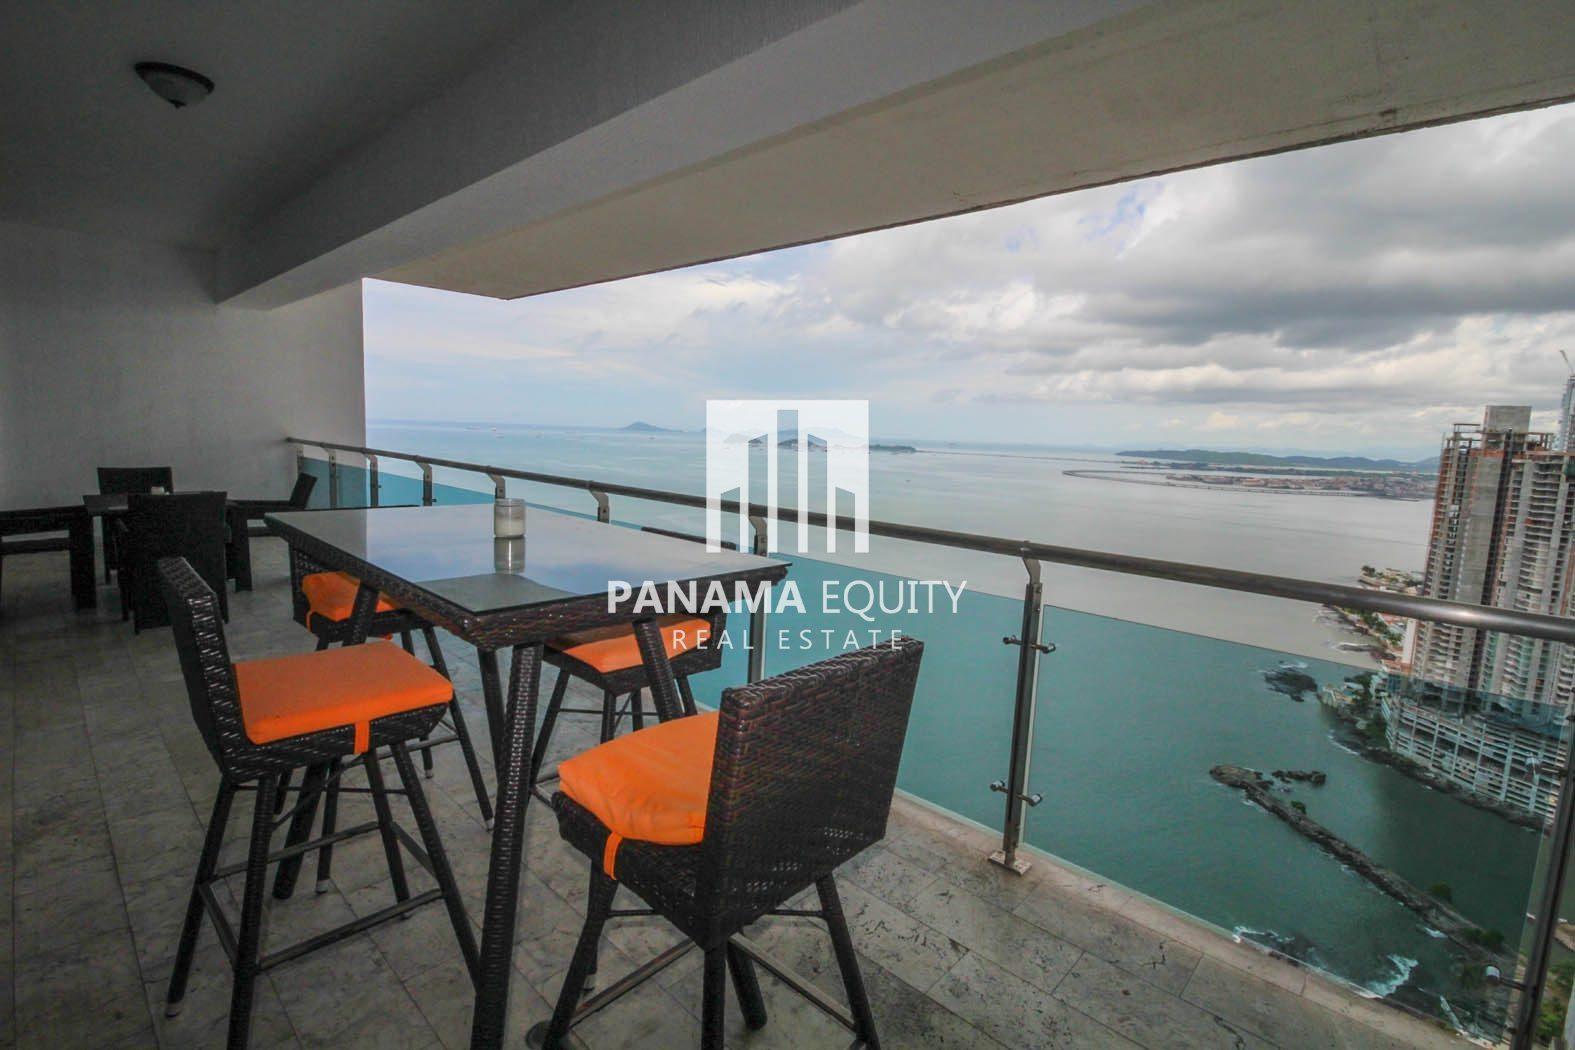 Apartamento con vista al mar en Punta Pacífica